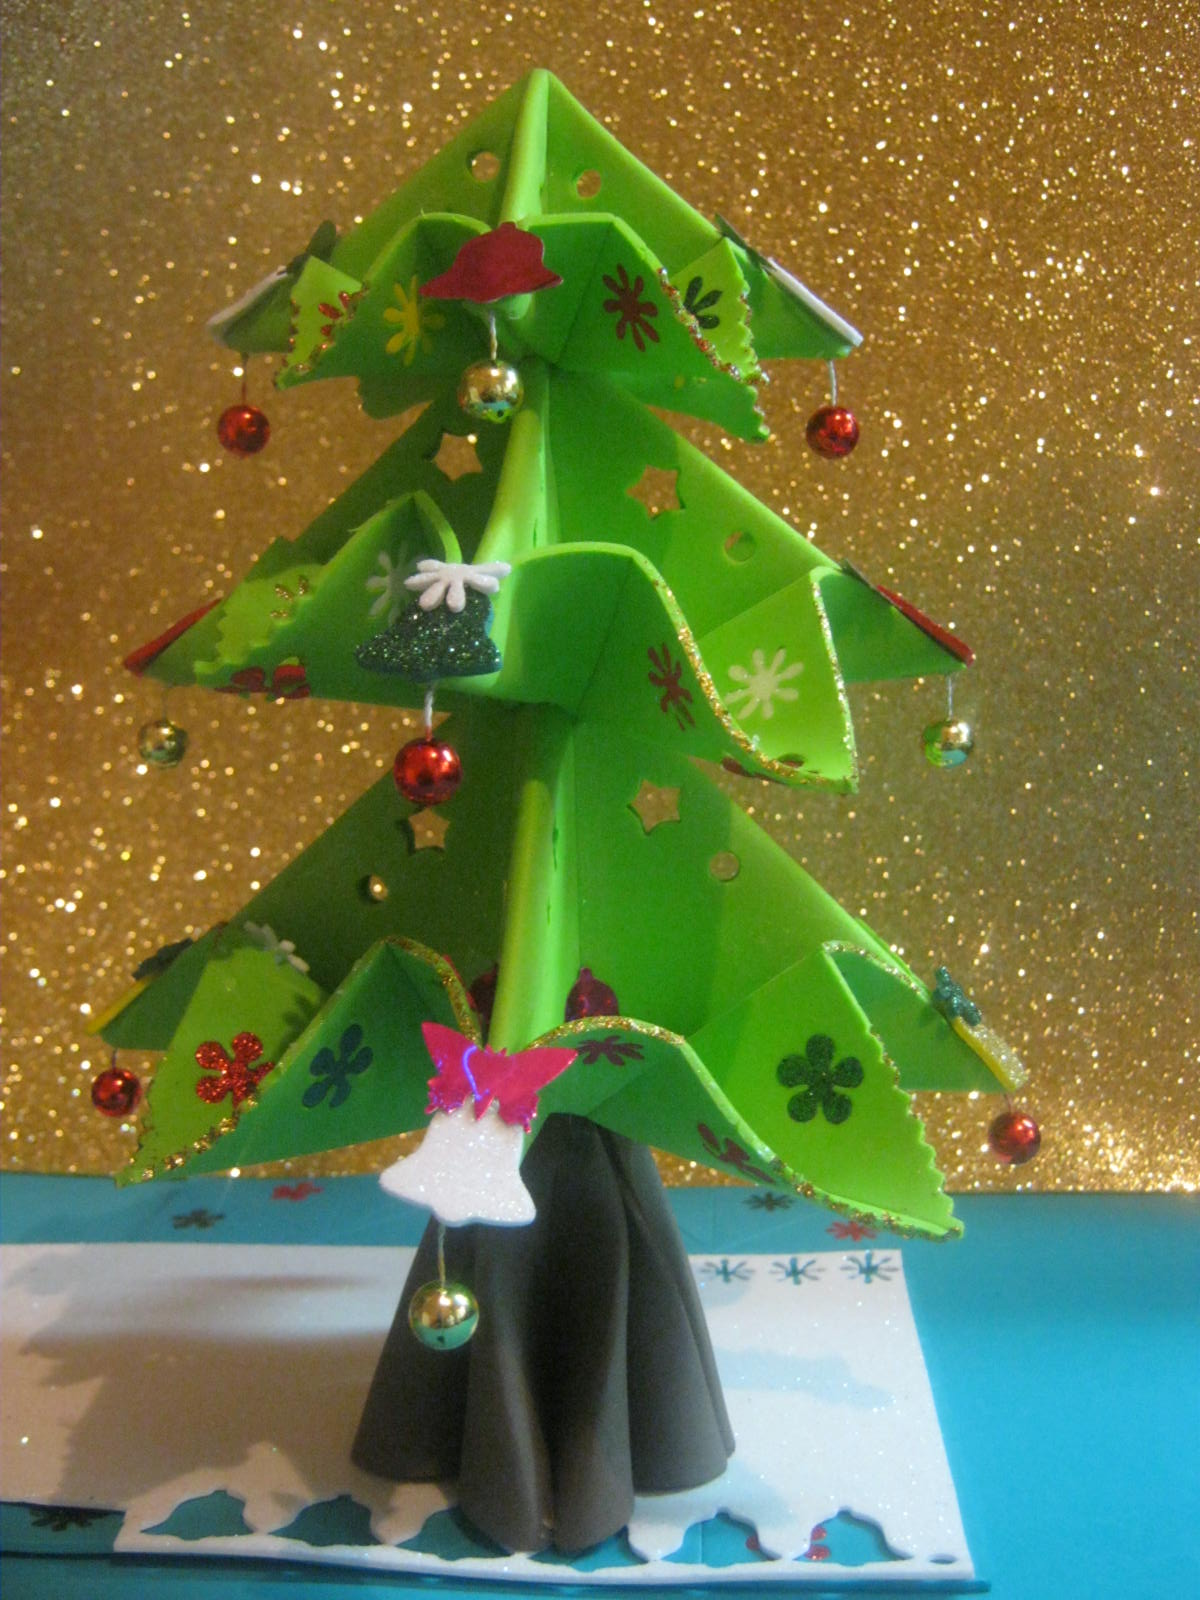 Zona purpura christmas tree arbolito de navidad arbol for Menu navideno facil de hacer